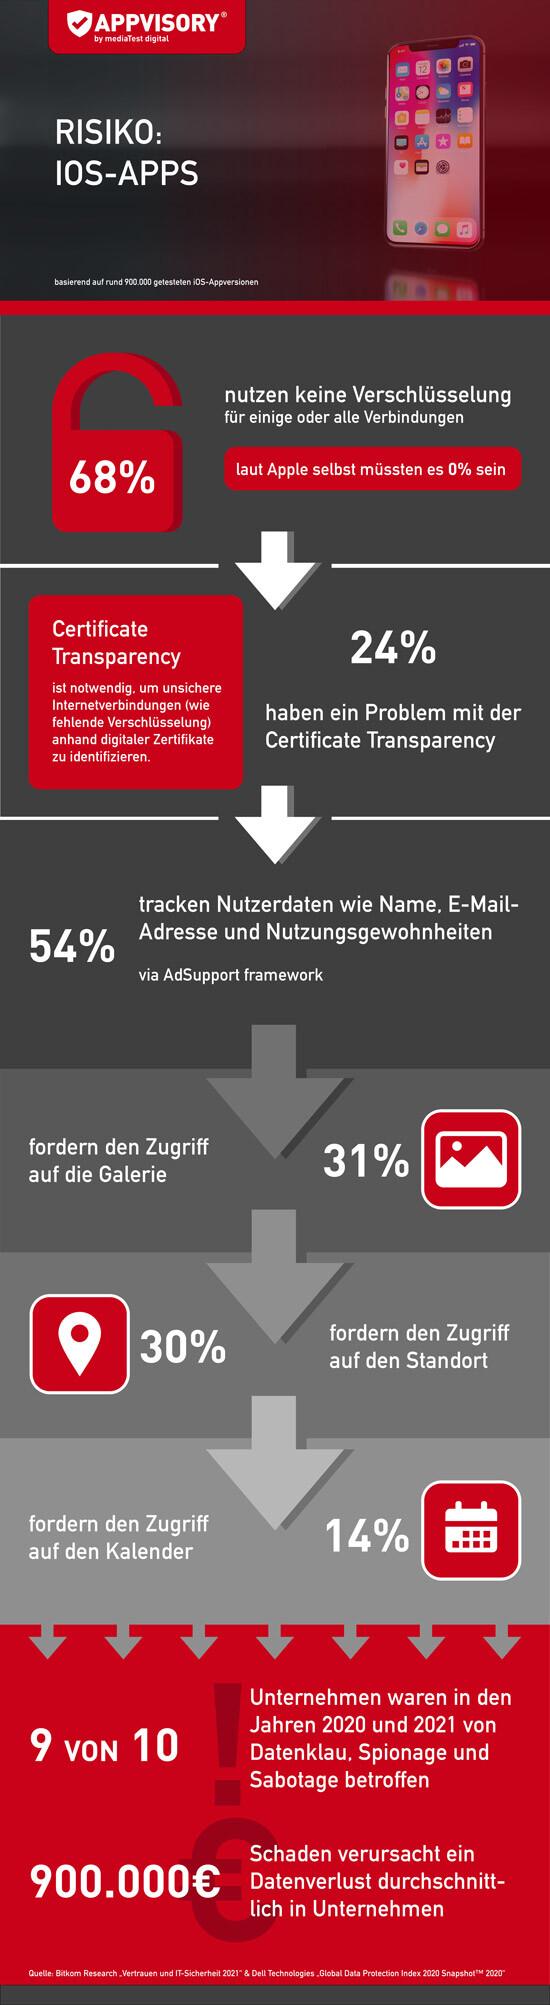 Appgraph - iOS Apps - Zahlen und Fakten zur Sicherheit und zum Datenschutz